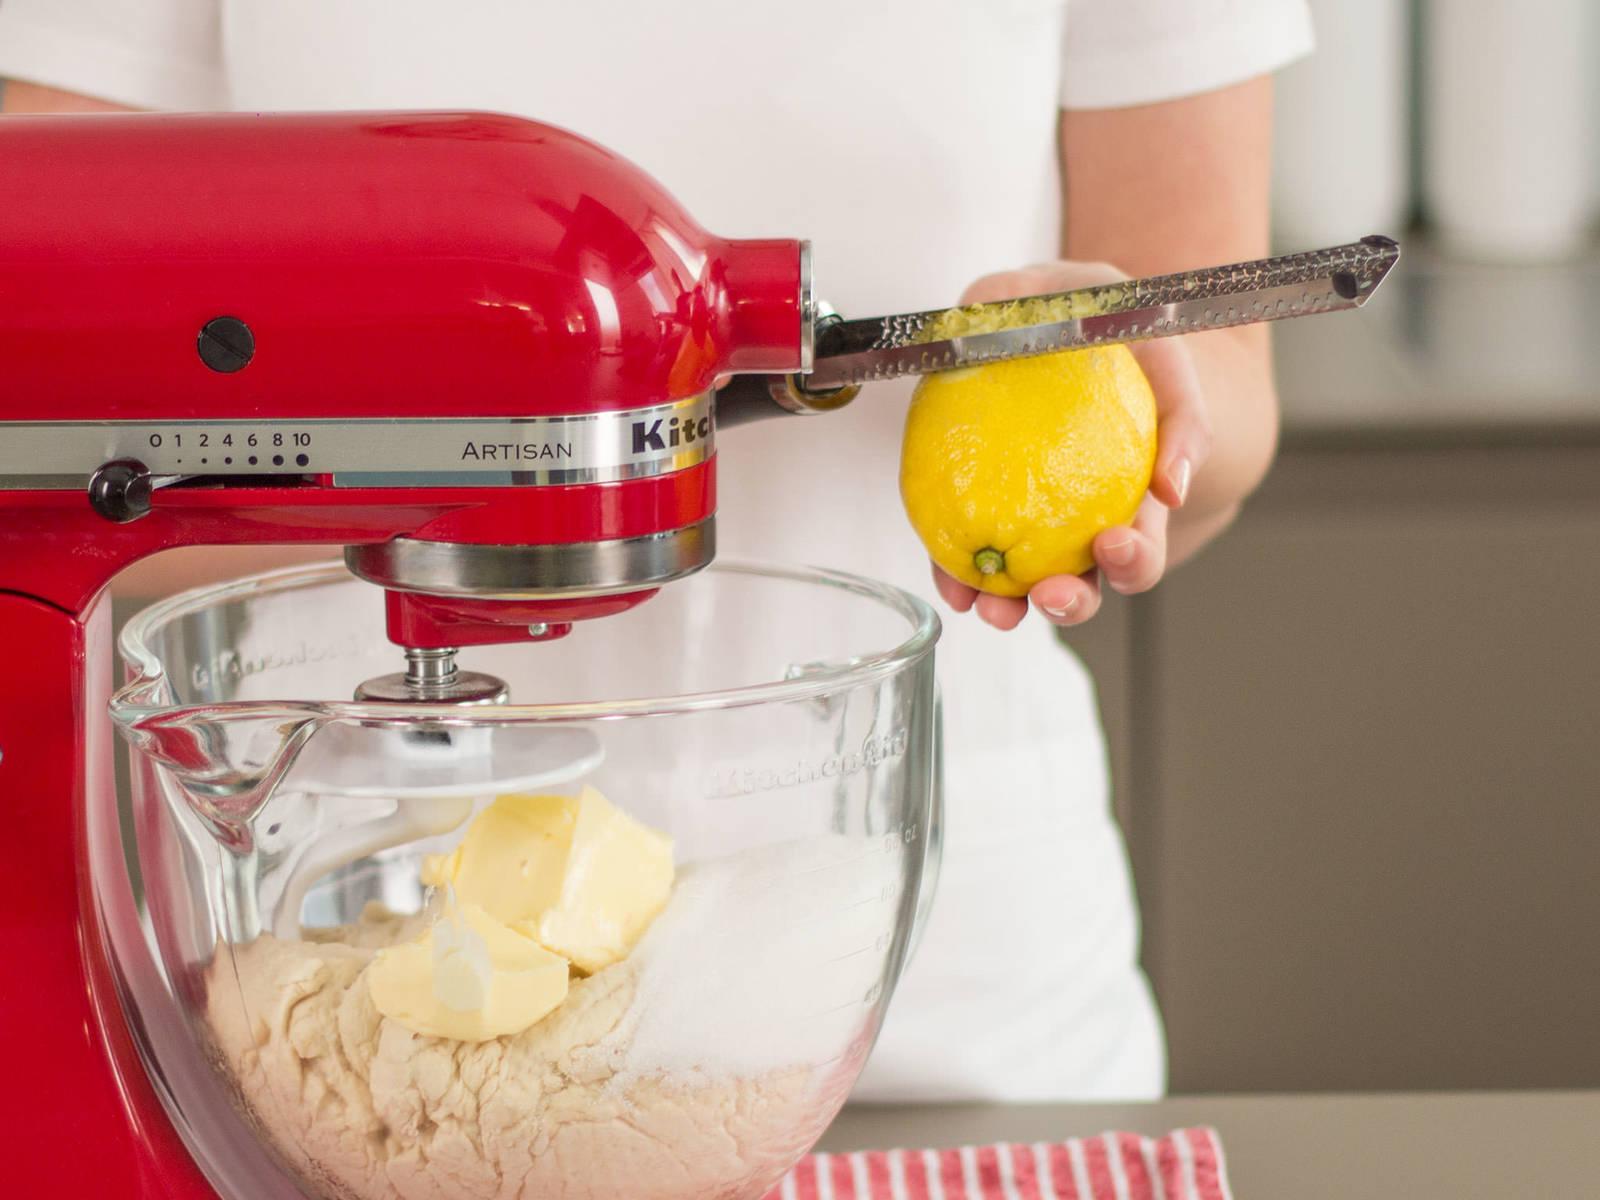 接着,将黄油、剩下的糖和柠檬皮碎与面团一起加入搅拌机,搅拌至其成为有弹性的面团。